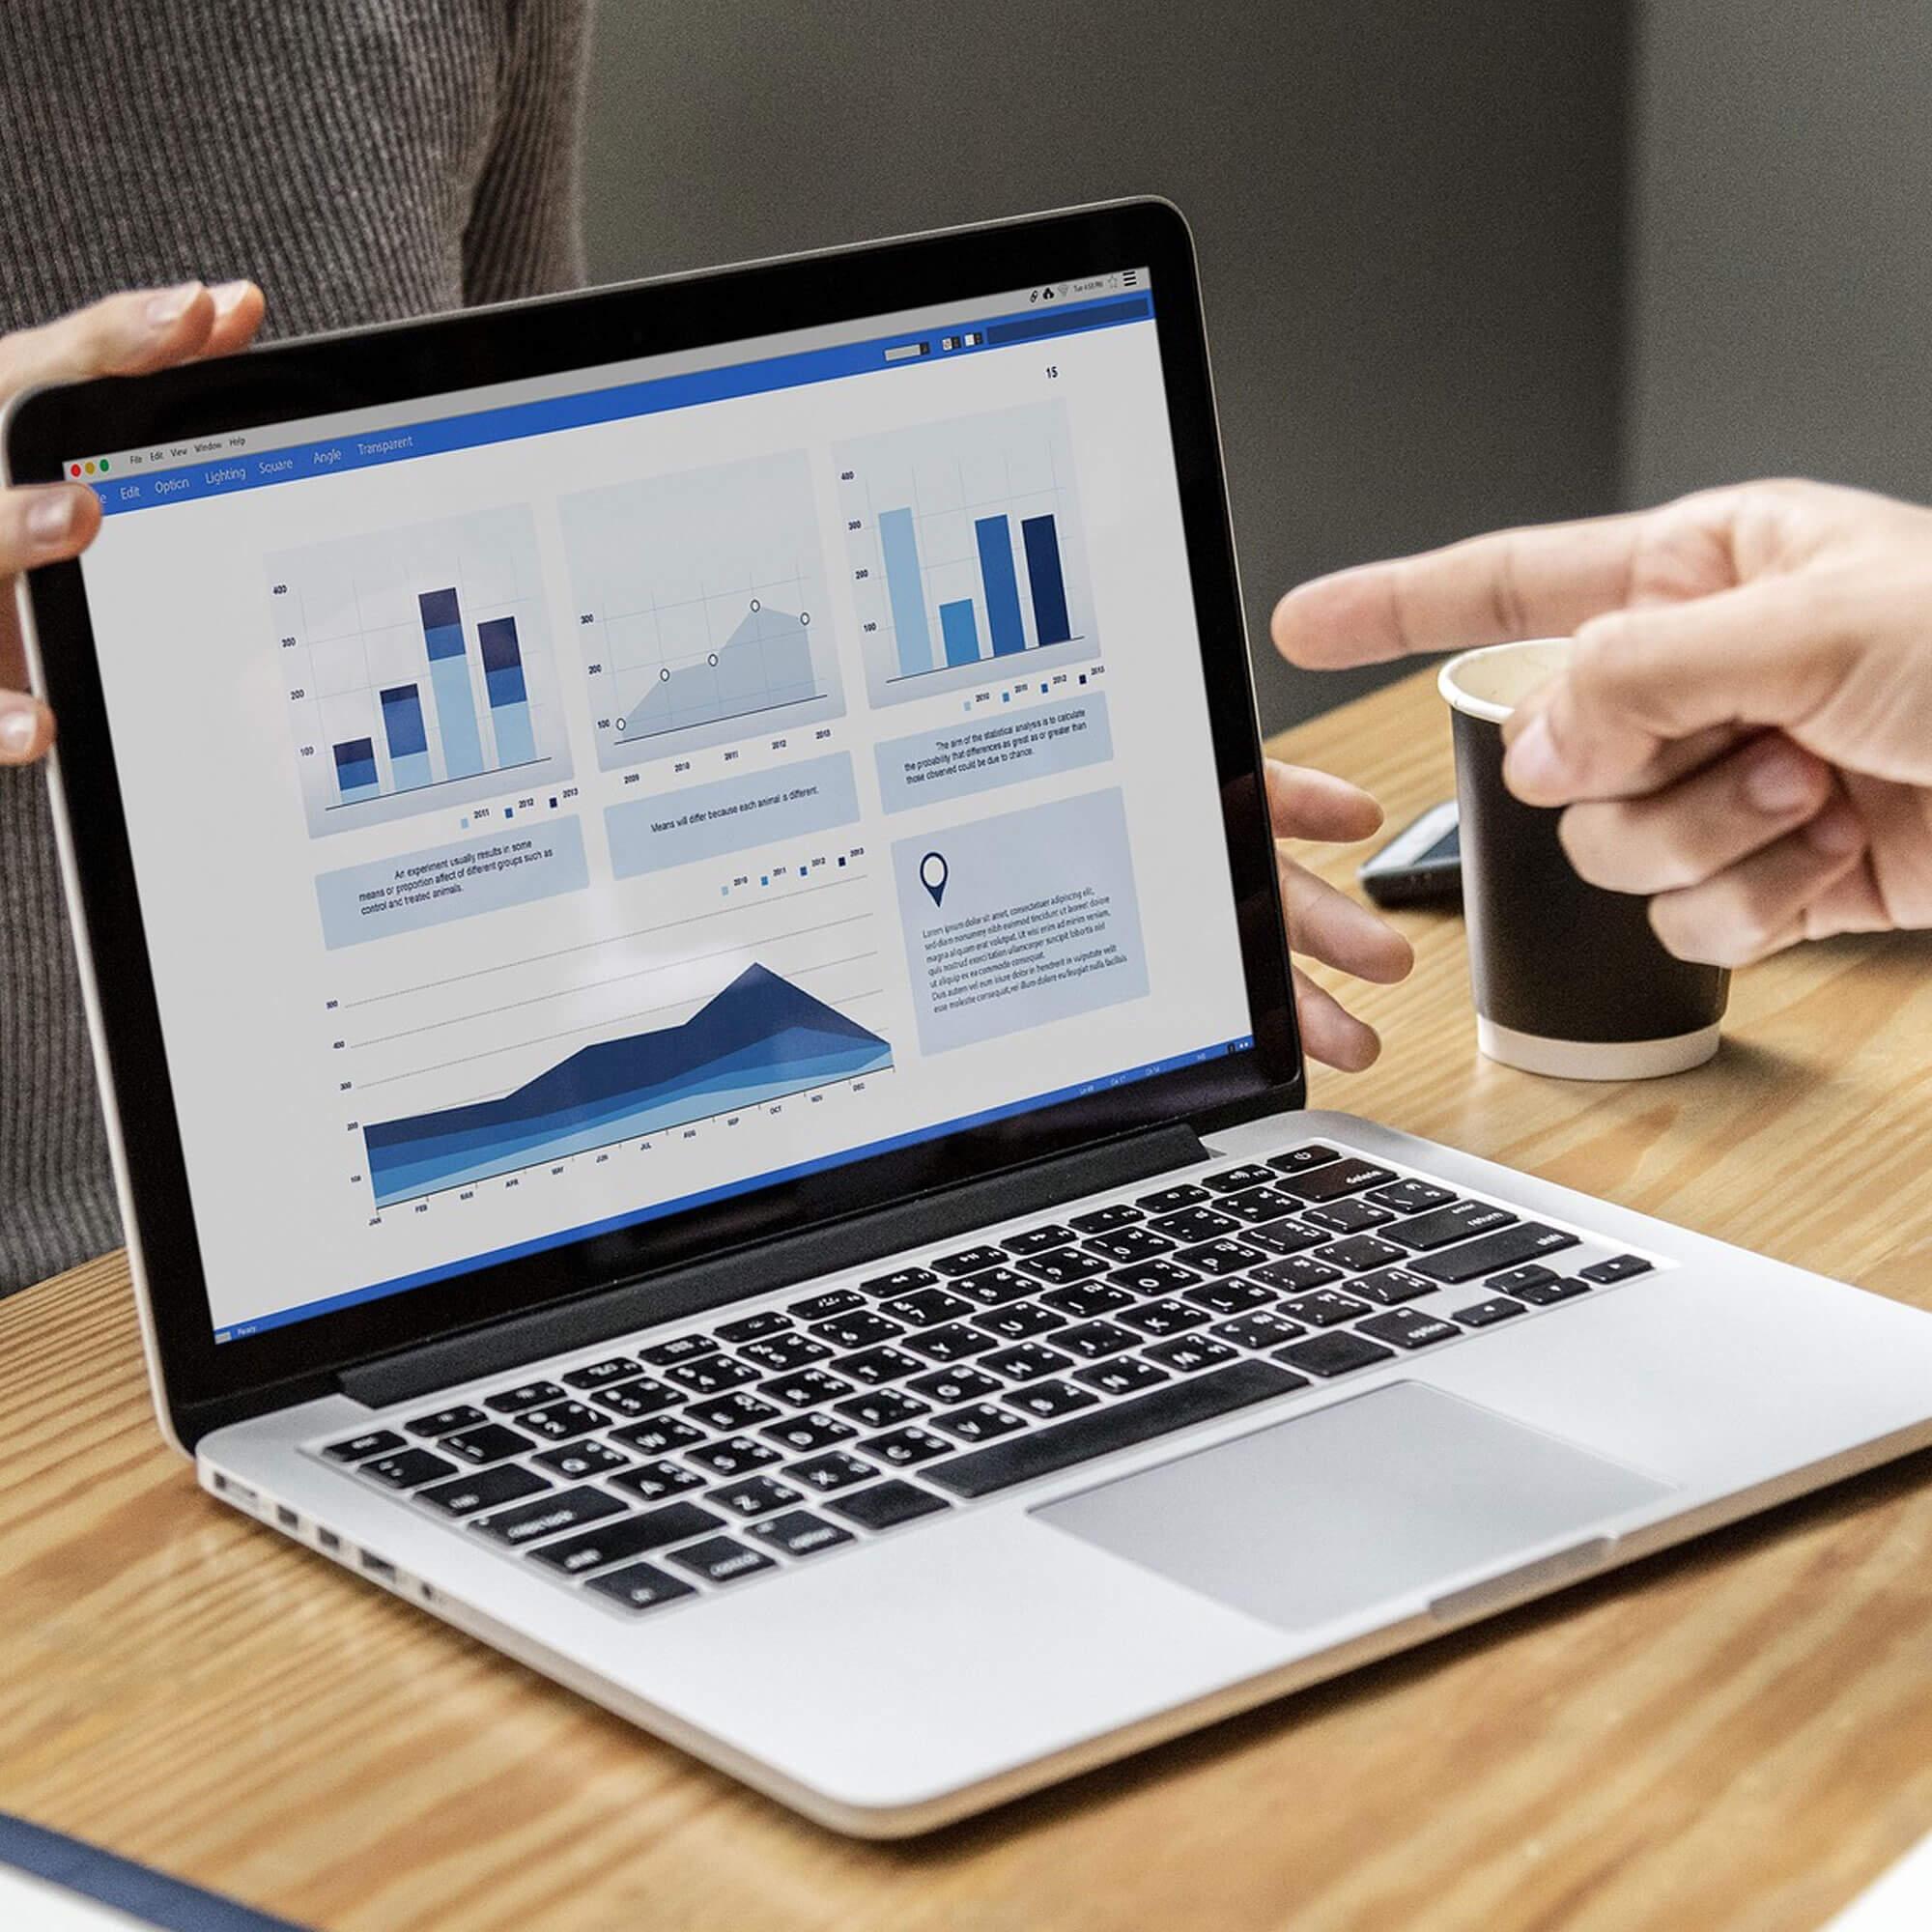 Laptop displaying a range of grids